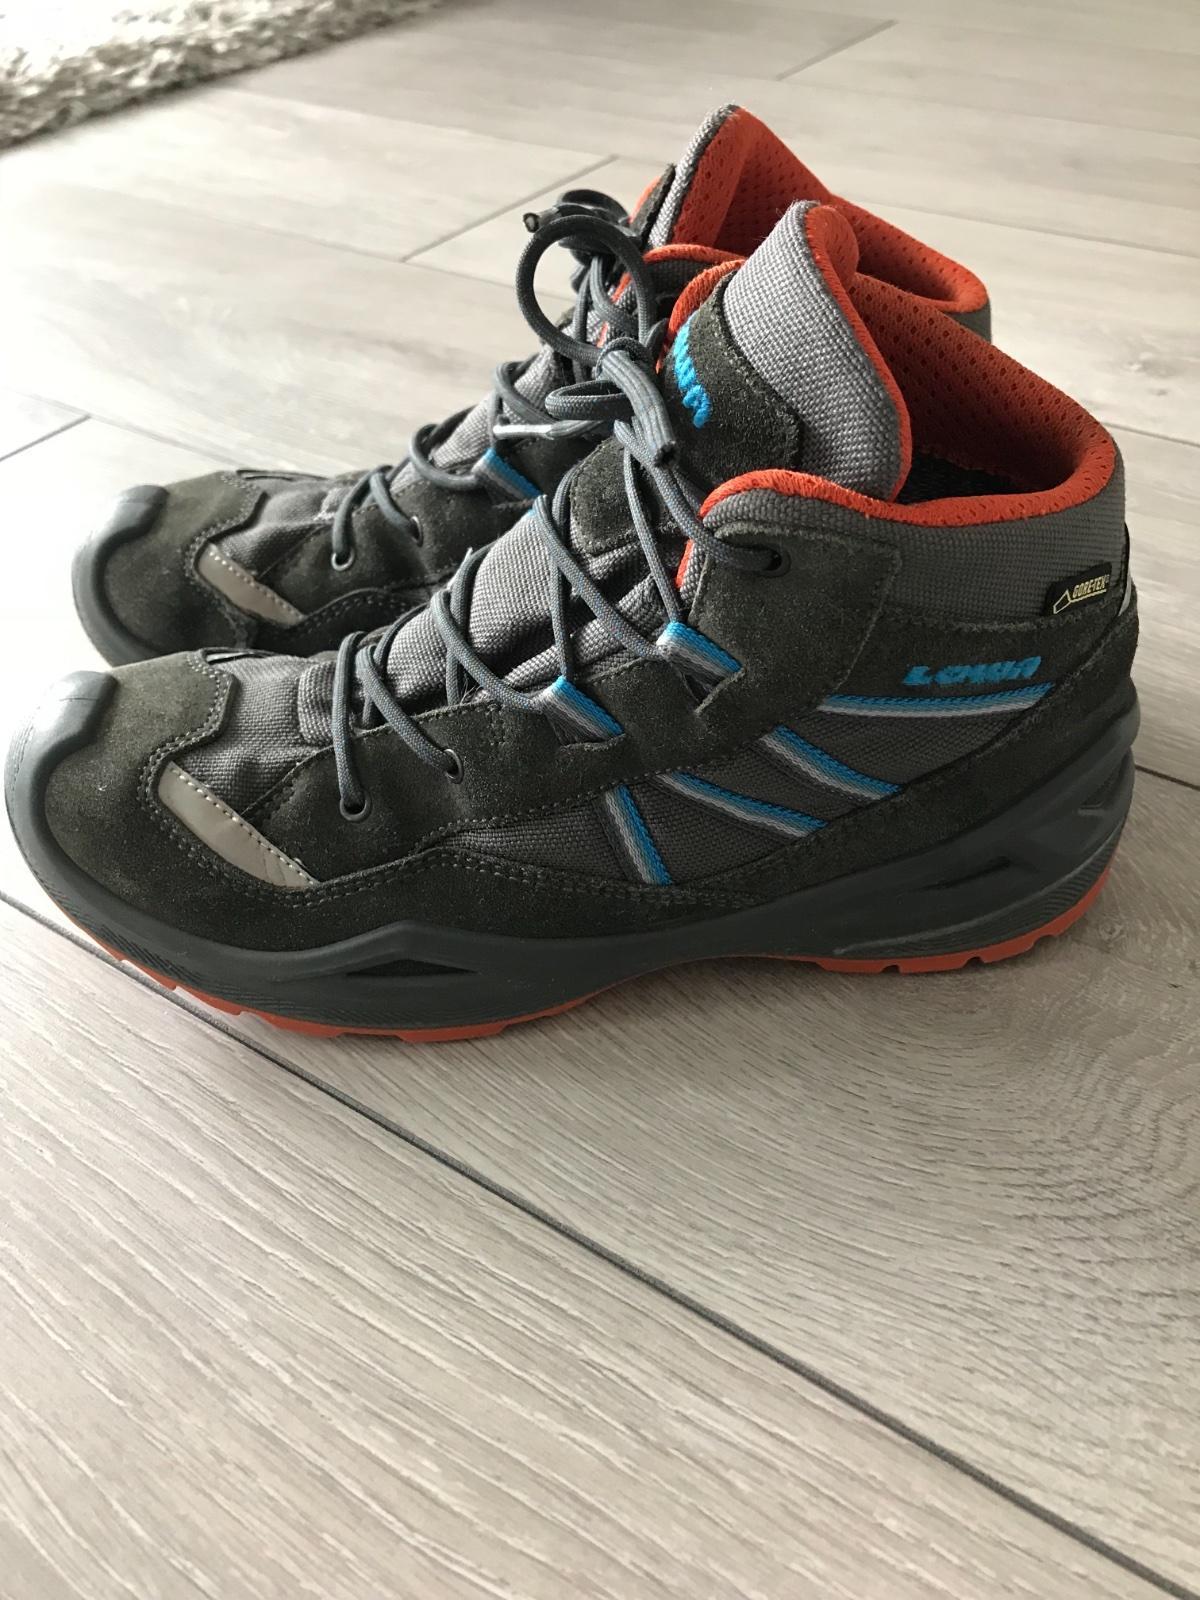 39178f456 Lowa topánky, 37 - 27 € od predávajúcej sysasebestian | Detský bazár |  ModryKonik.sk